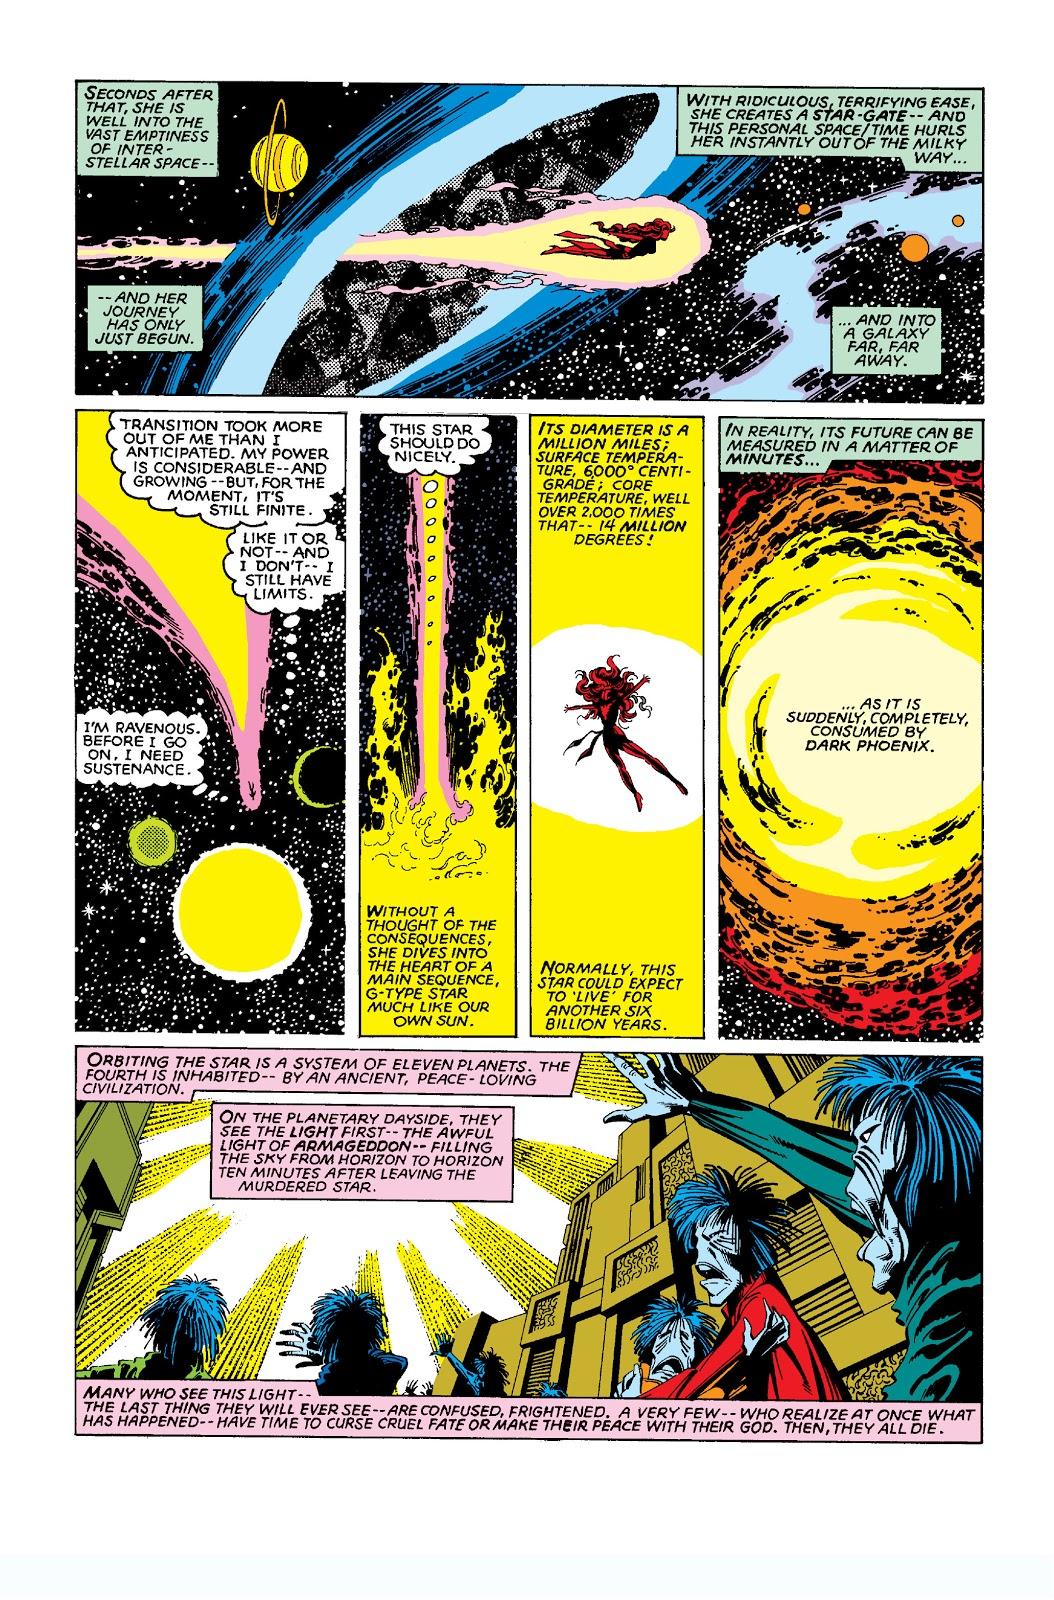 Uncanny X-Men vol. 1 #135